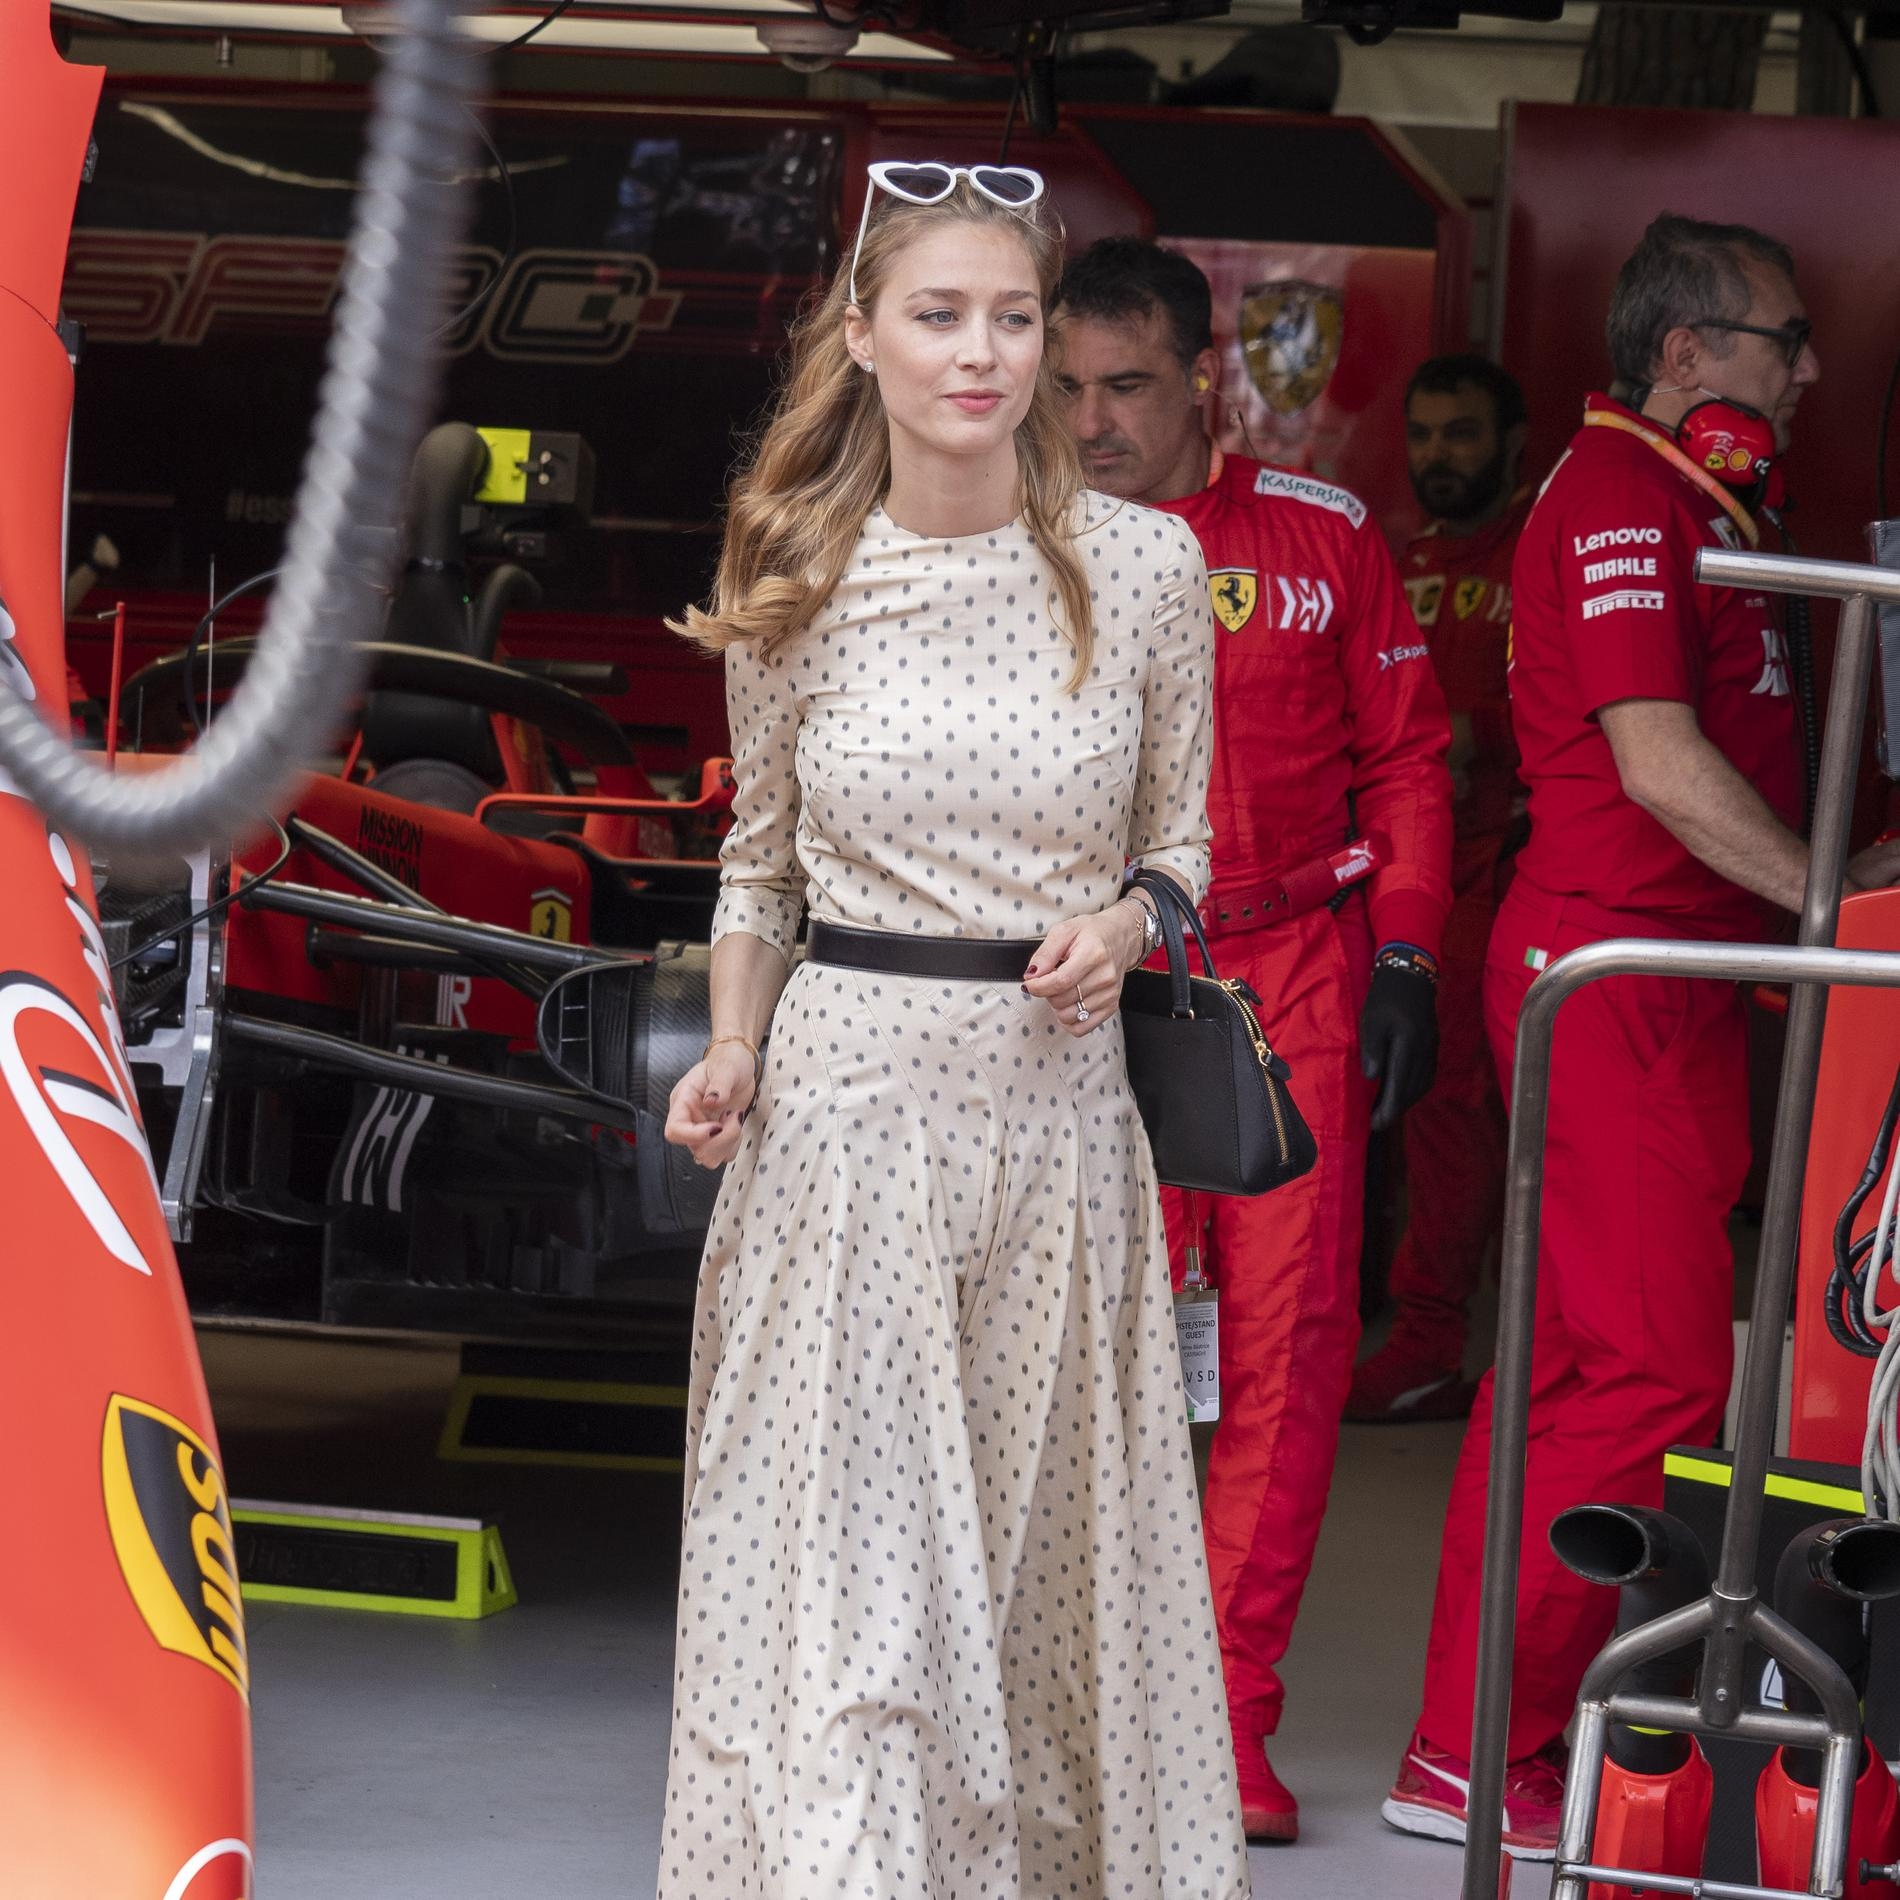 Retour sur les tenues de la princesse Beatrice  Borromeo